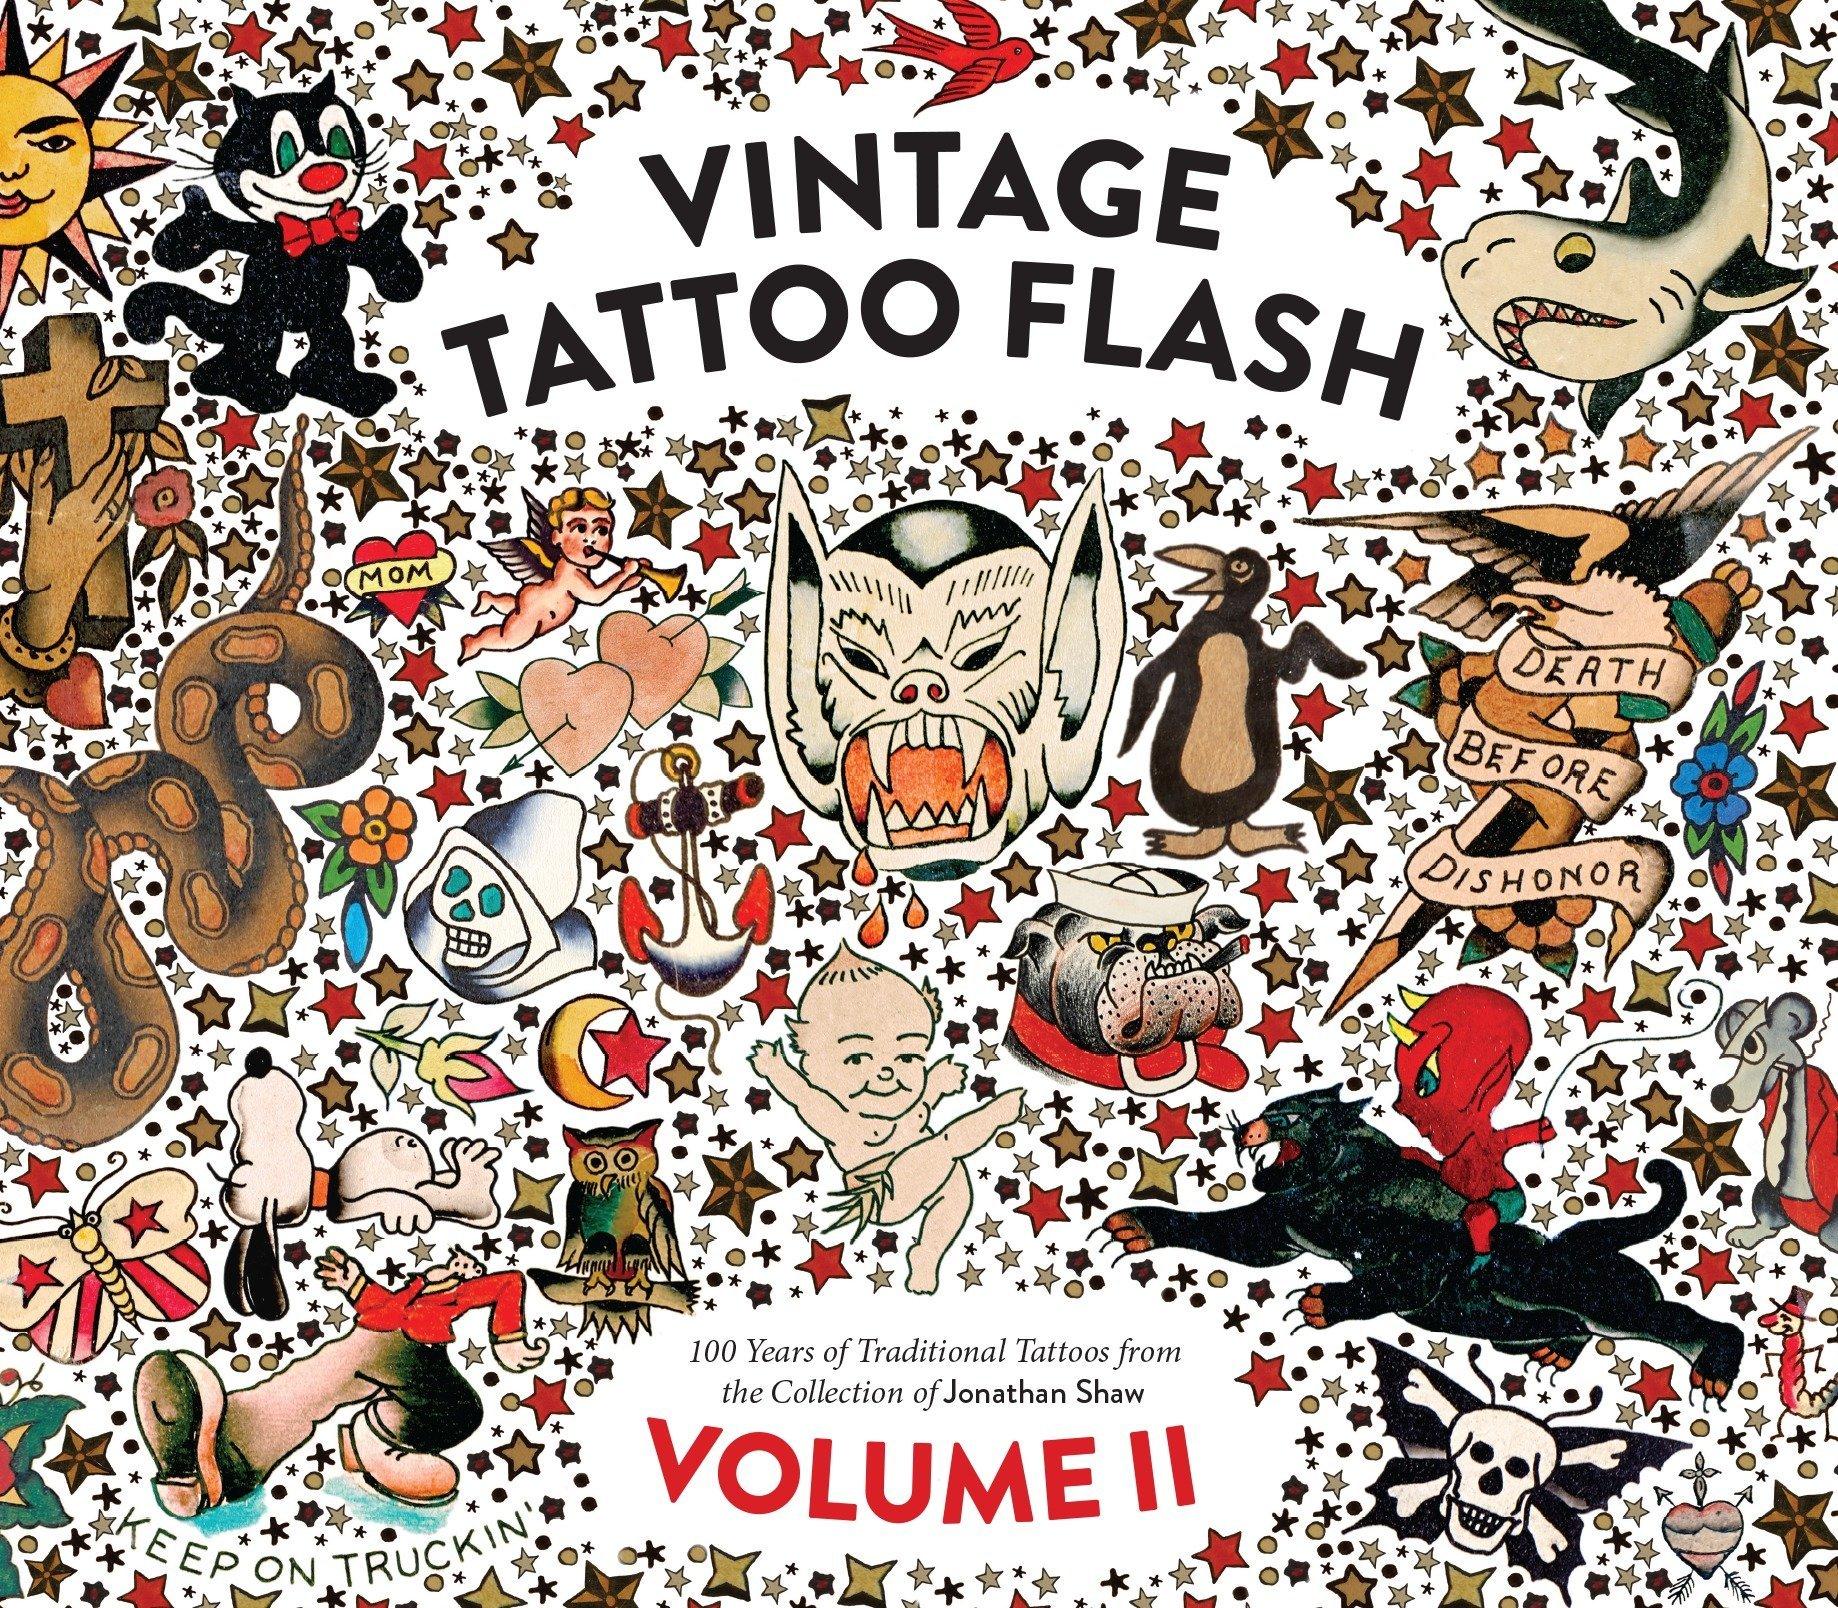 Vintage Tattoo Flash Volume 2 pdf